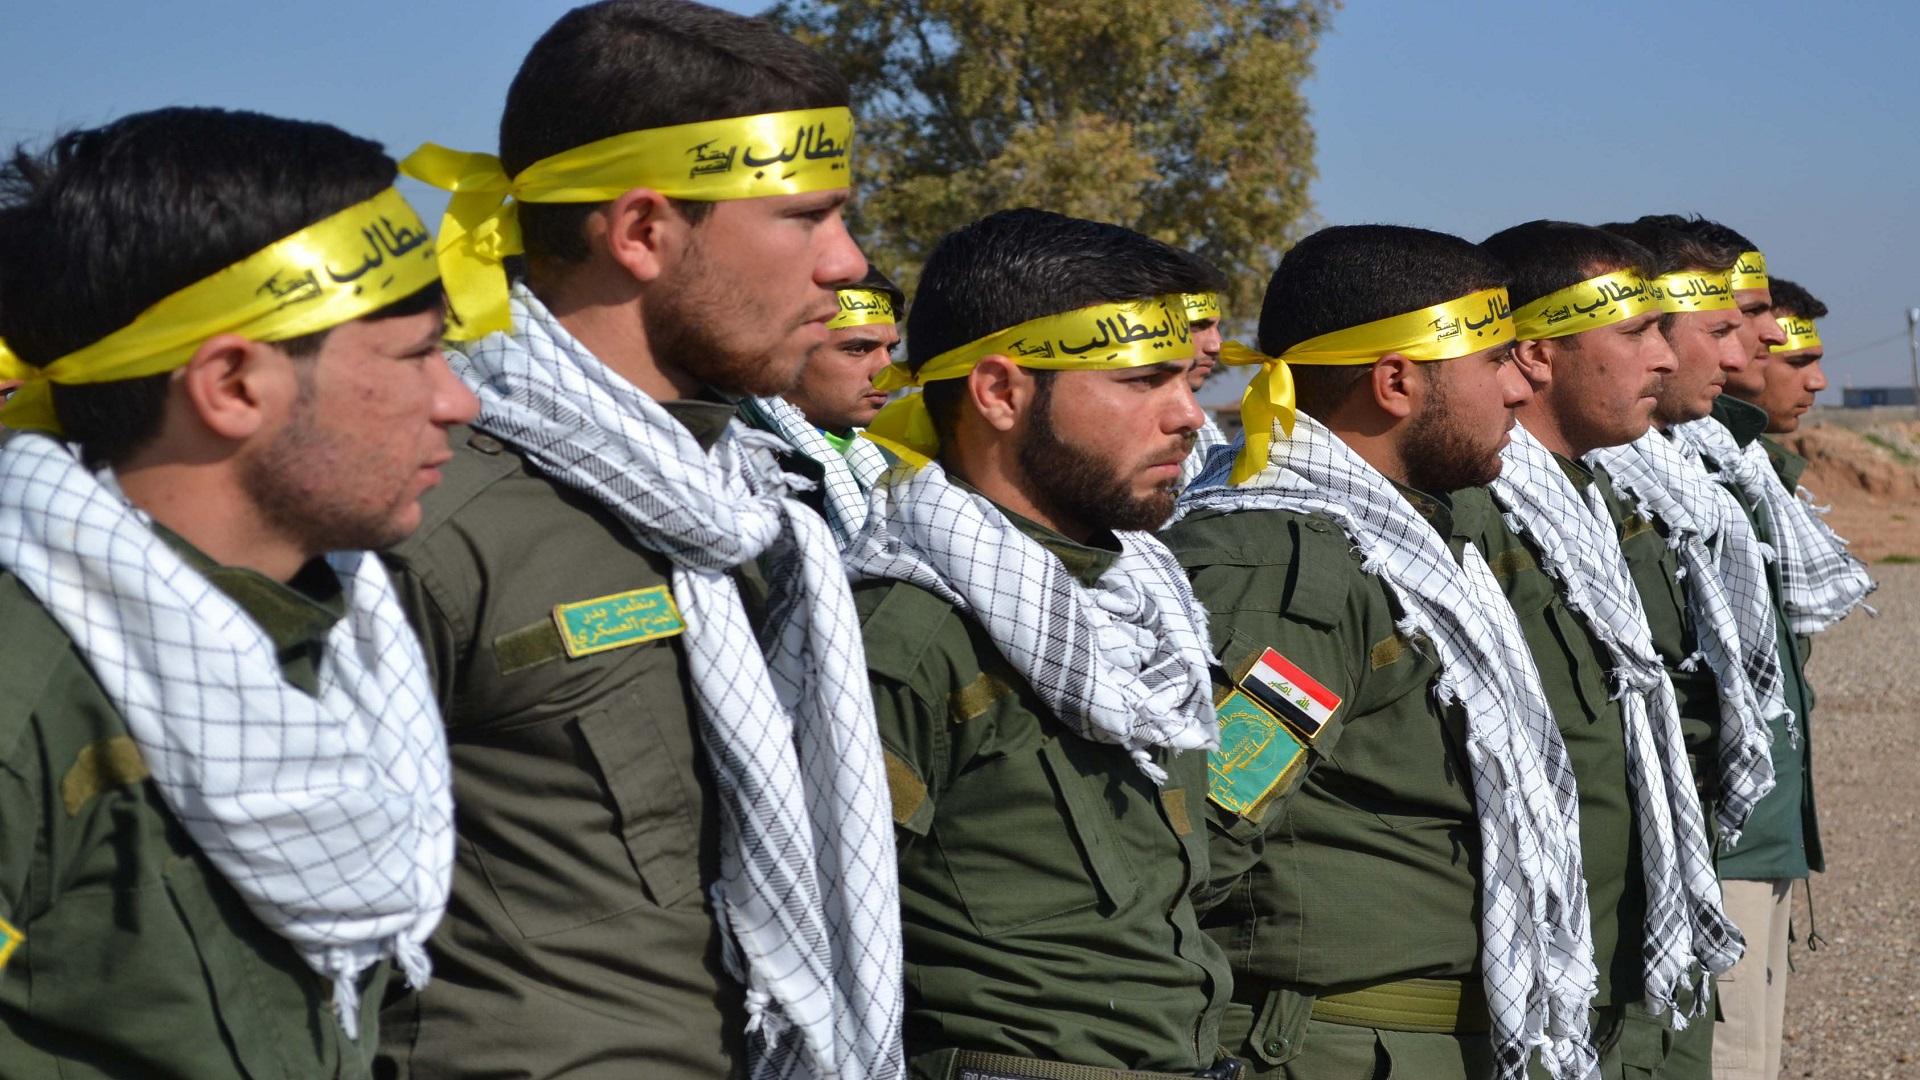 الإندبندنت: خسائر فادحة تنتظر المليشيات الشيعية المهاجمة للفلوجة